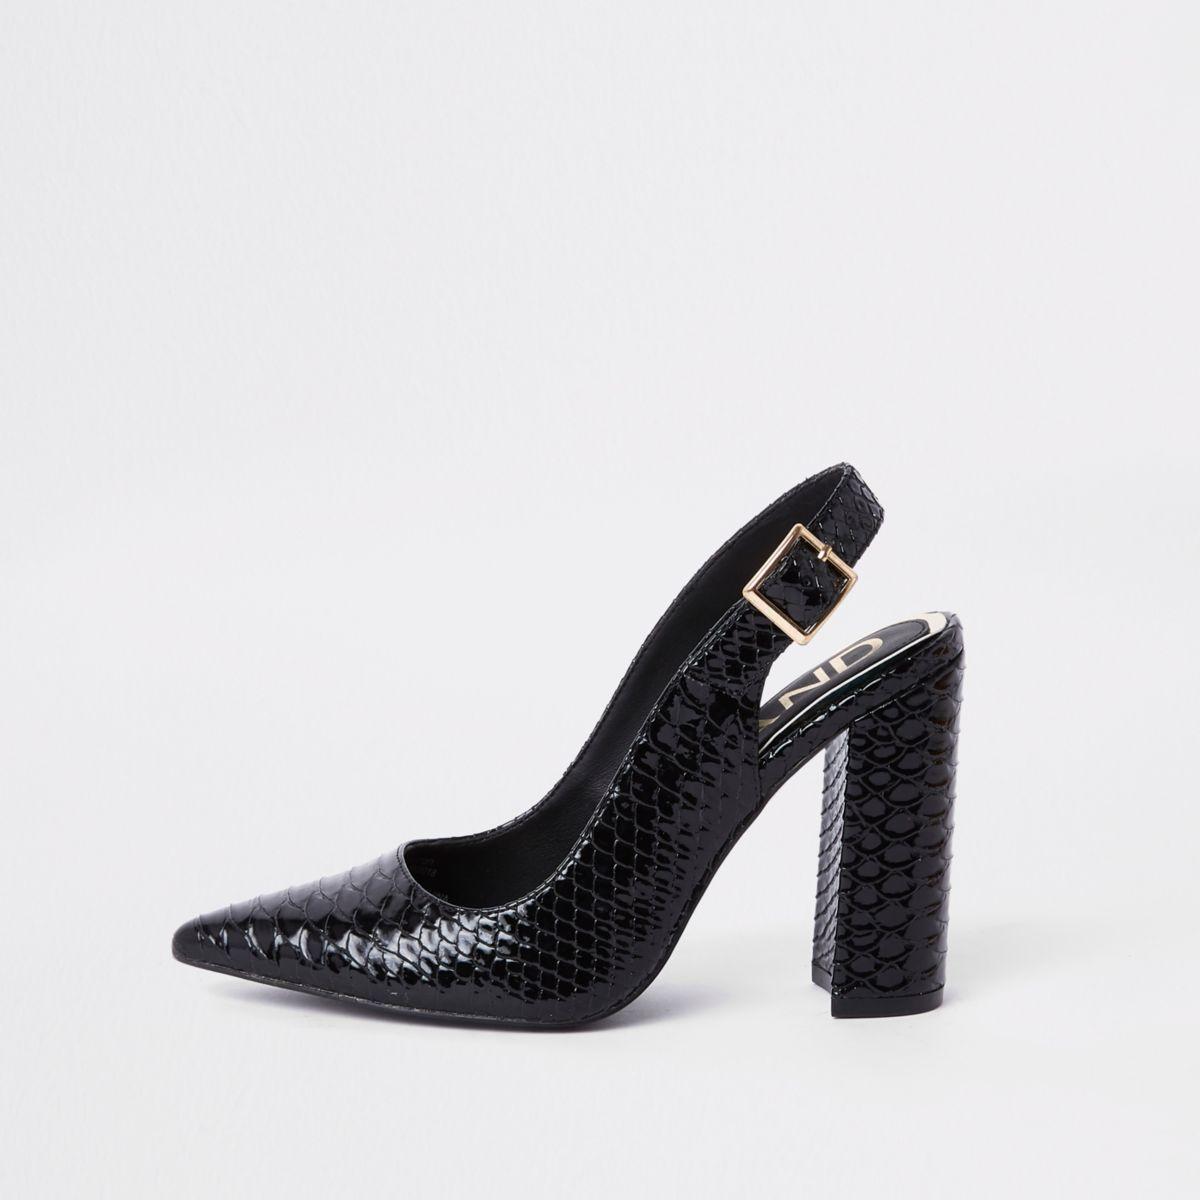 Zwarte slingback pumps met krokodillenprint en blokhak